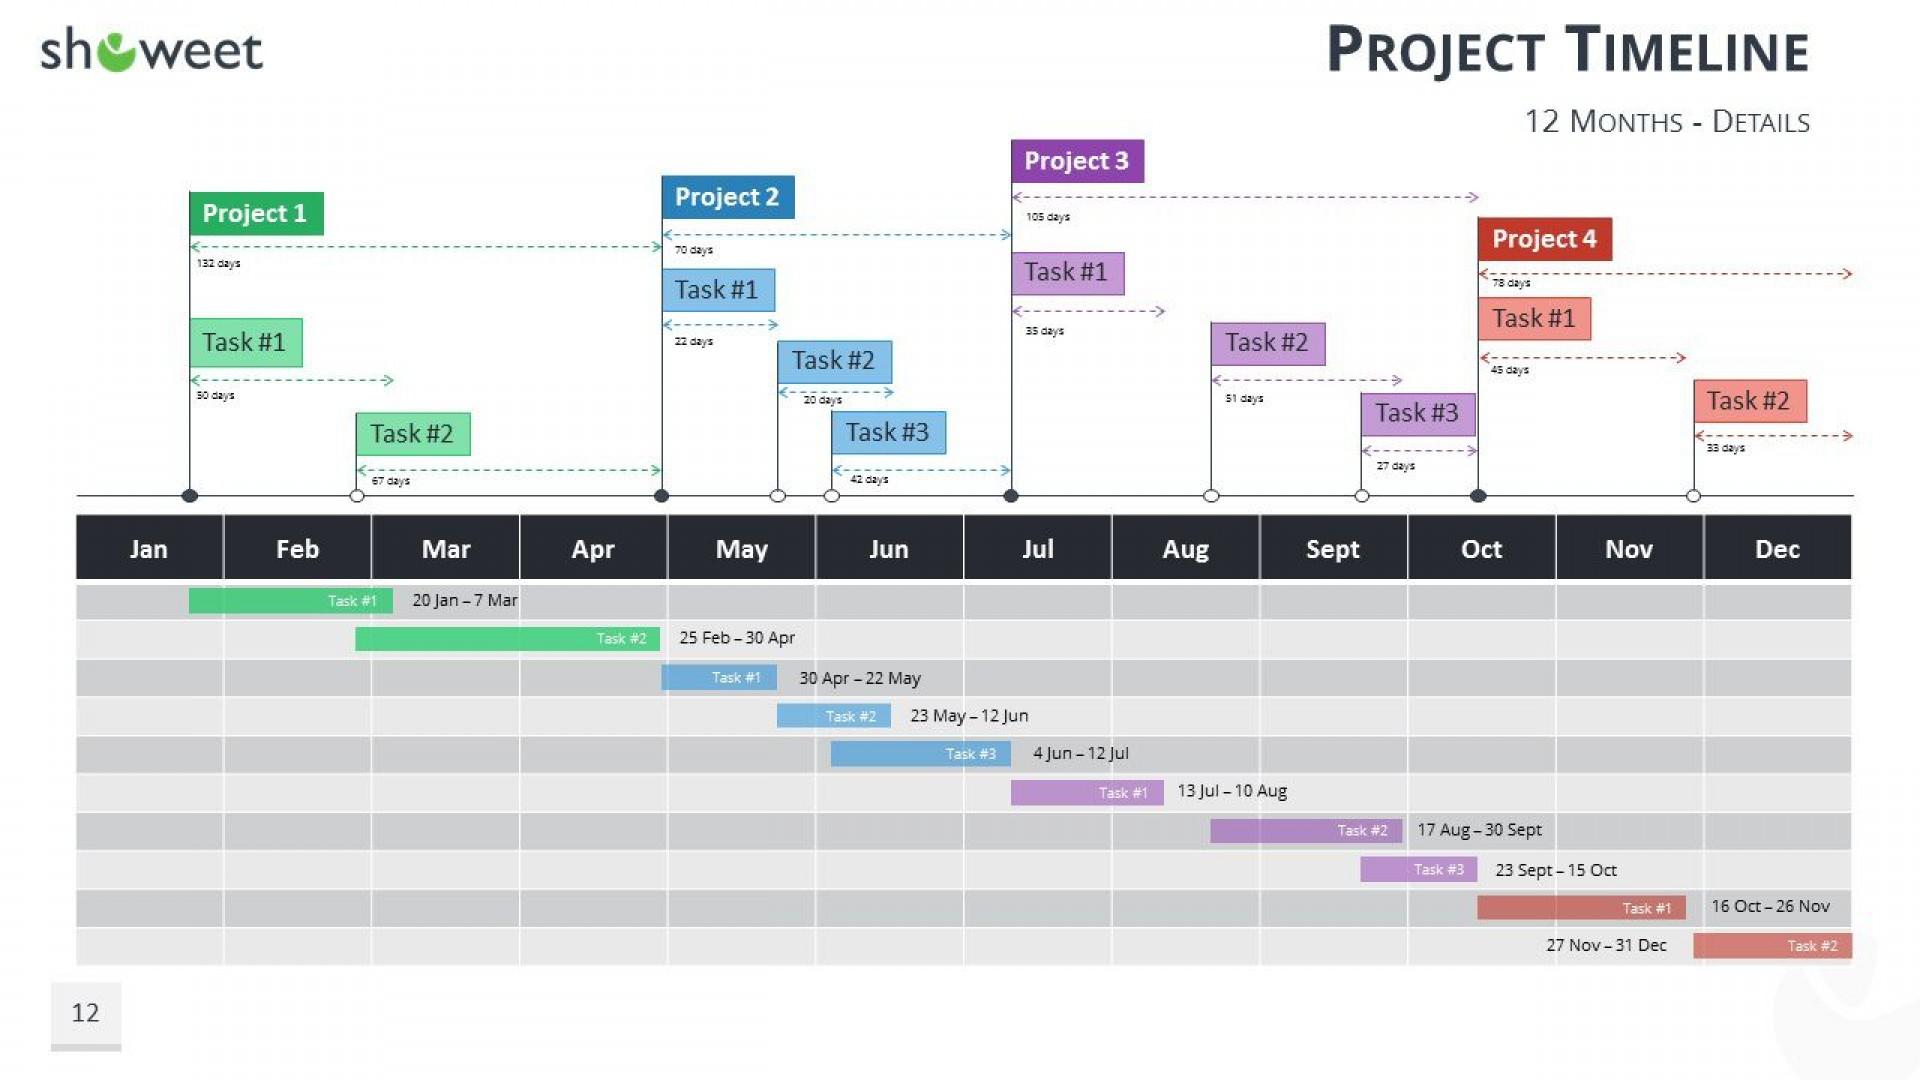 002 Best Project Management Timeline Template Idea  Plan Pmbok Planner1920